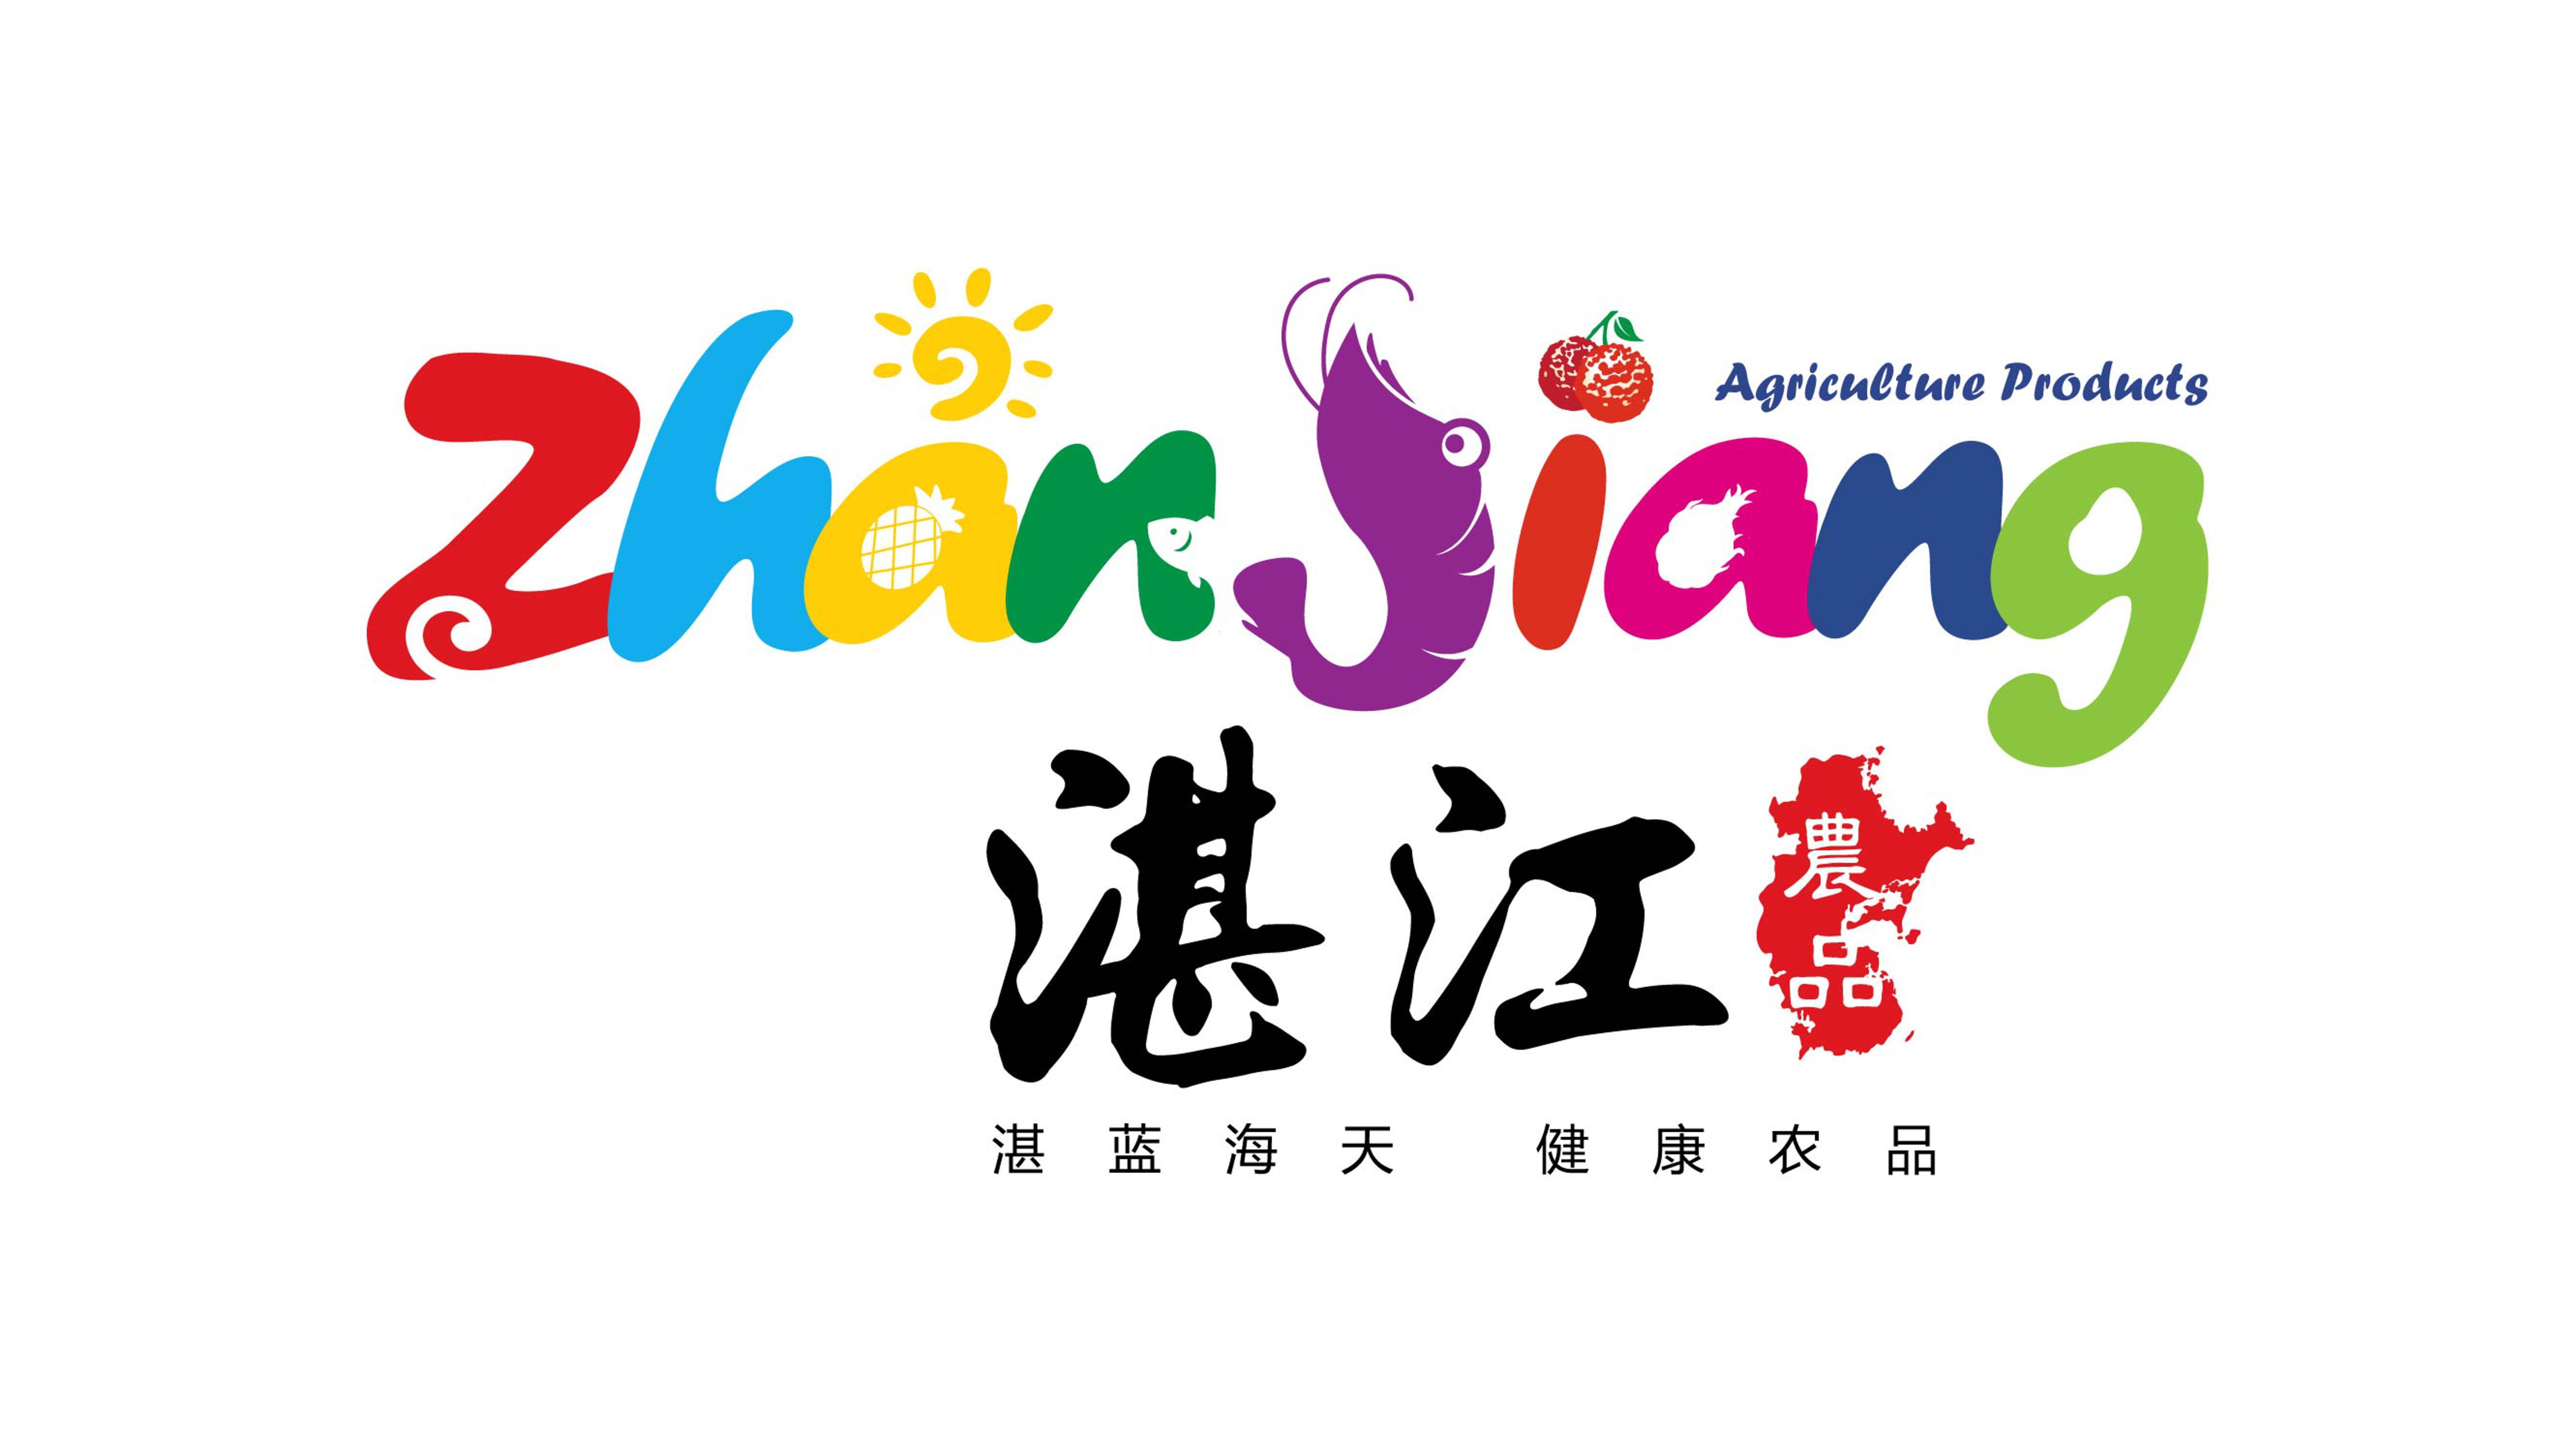 湛江市农产品区域公用品牌名称、形象标识(LOGO)和宣传语征集投票